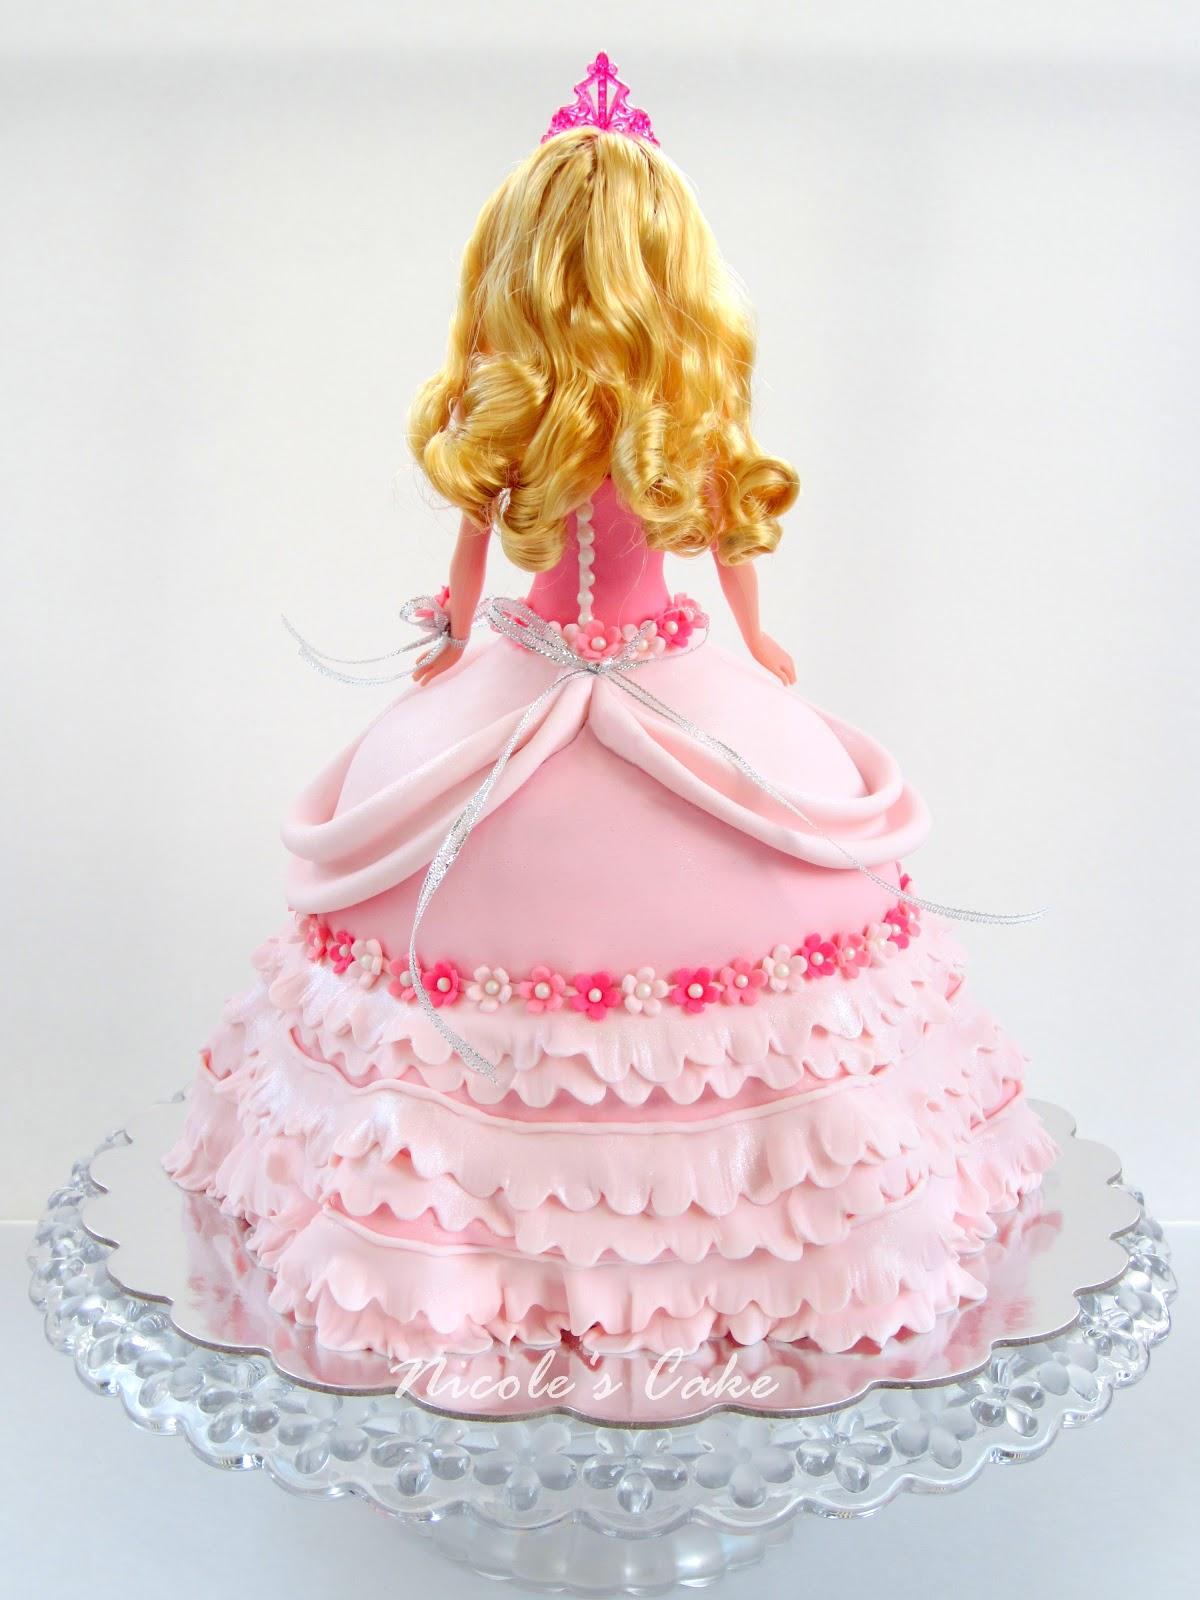 On Birthday Cakes Gorgeous Princess Aurora Cake